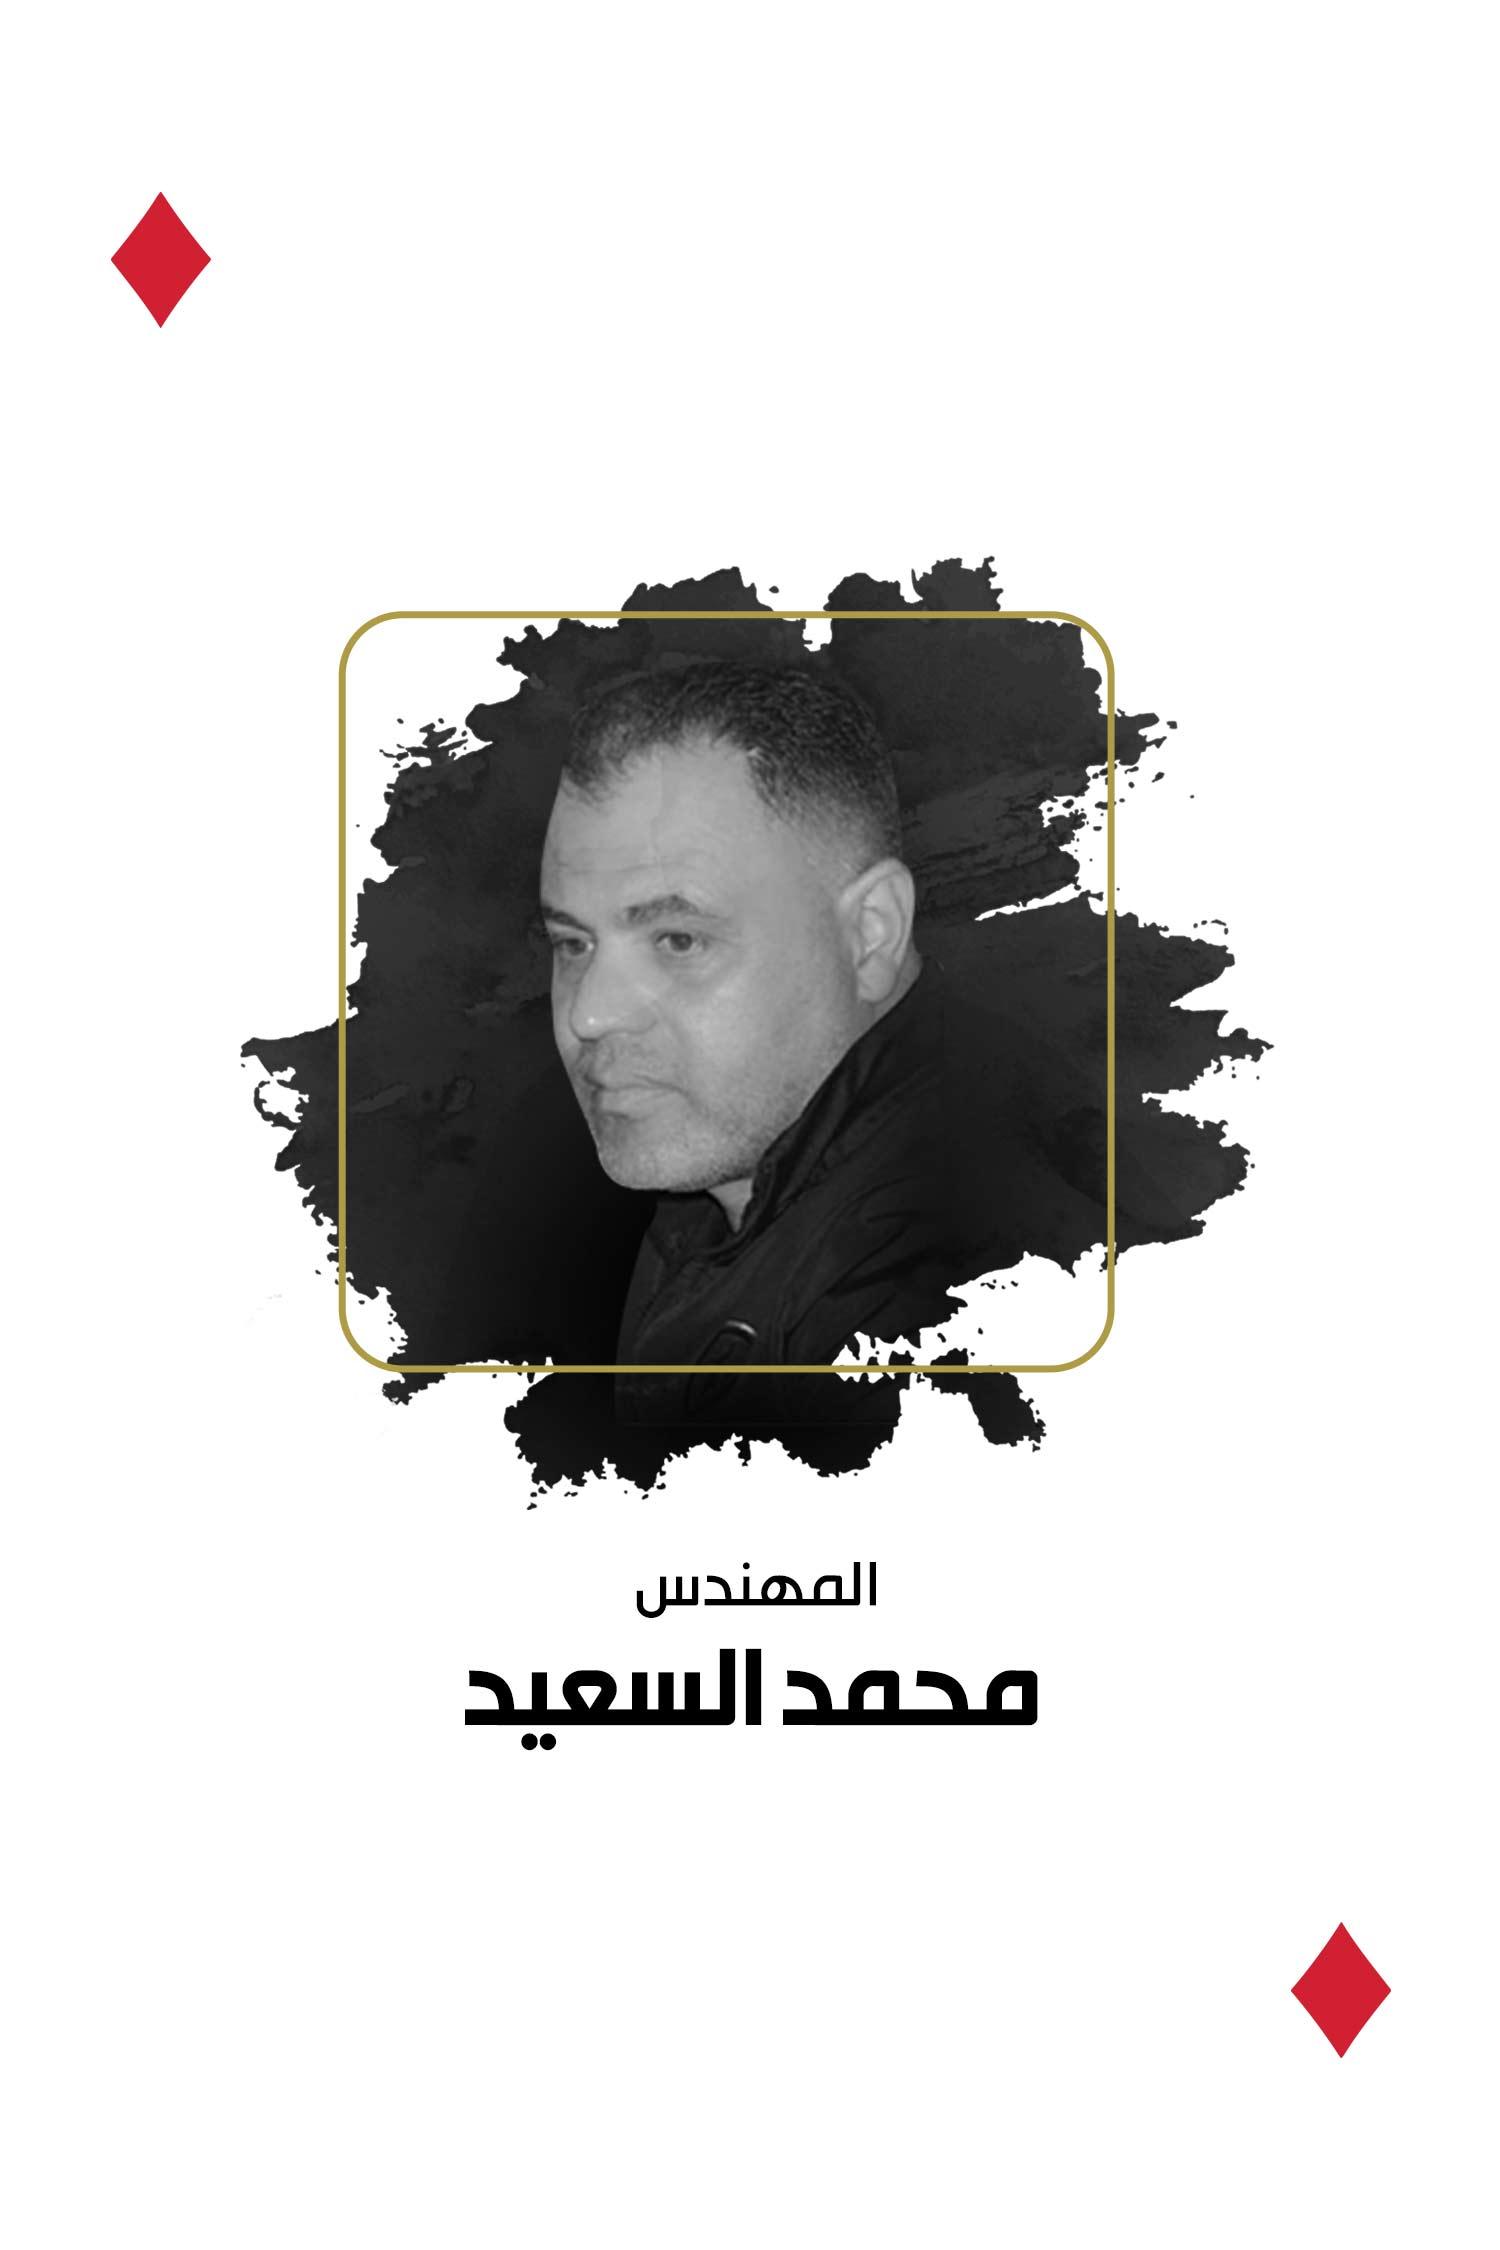 مع العدالة - المهندس محمد أحمد السعيد